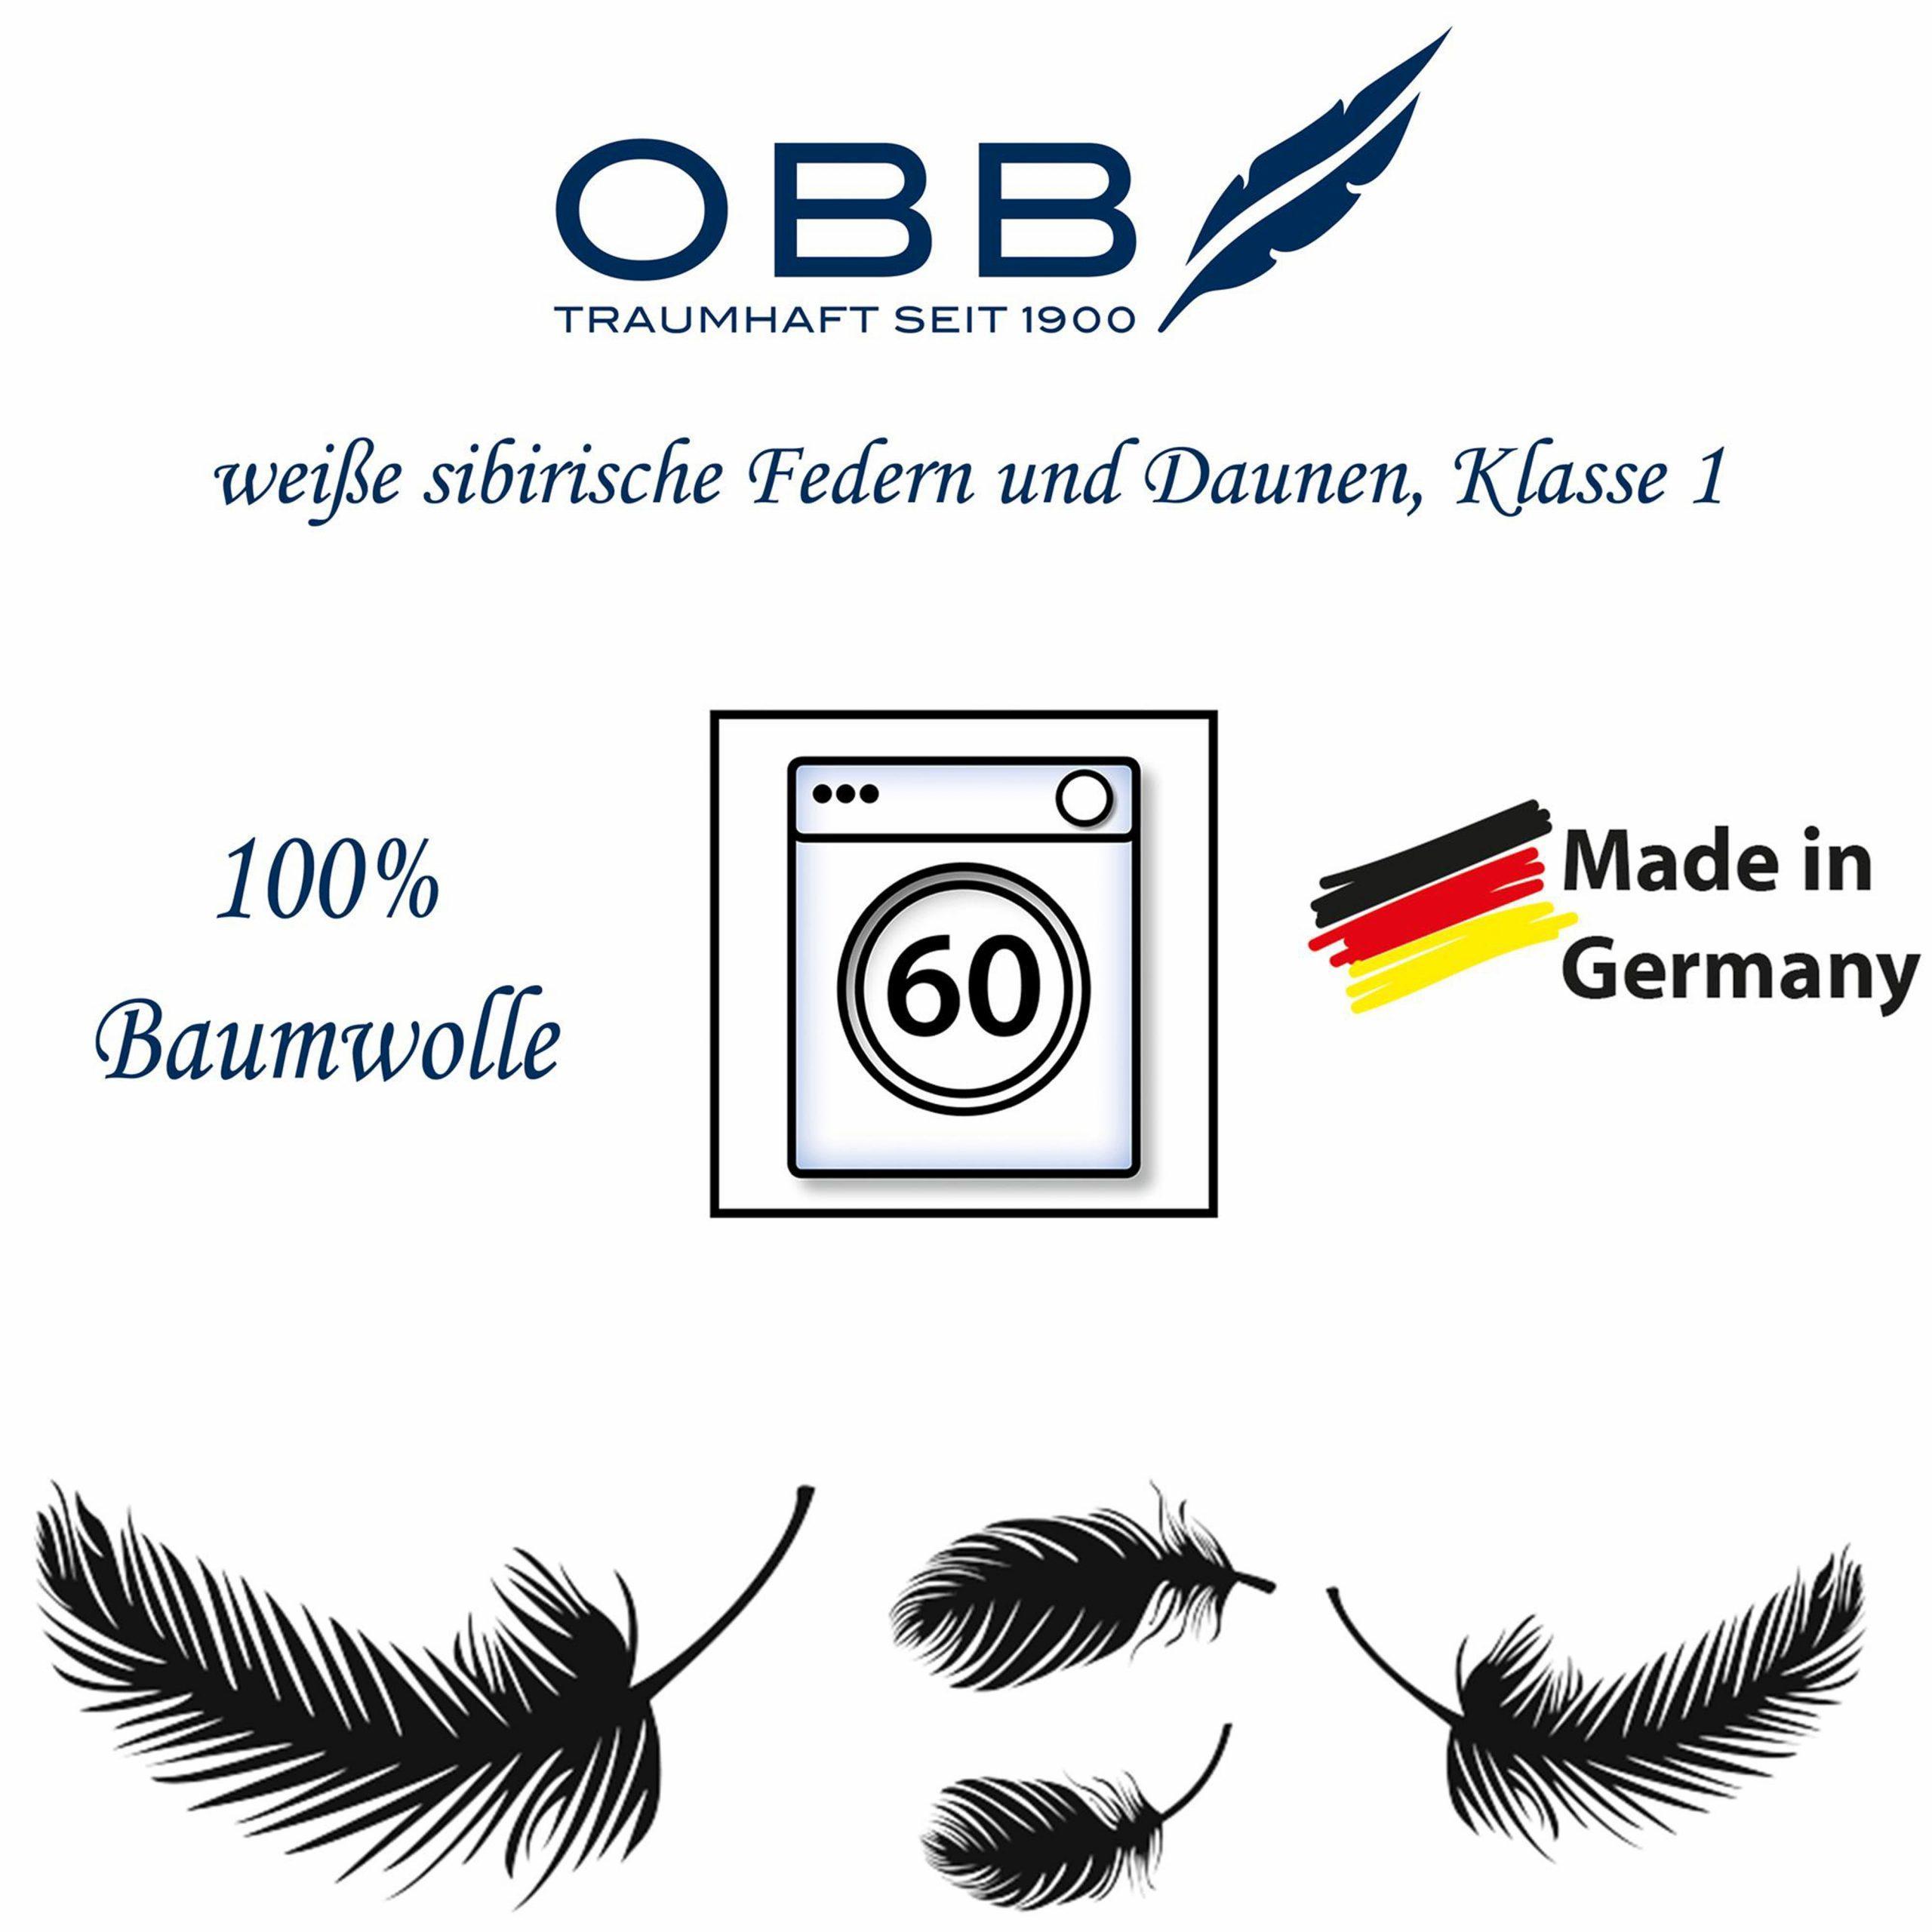 """OBB """"Edition"""" Kassettendecke, waschbar, weiße neue sibirische Federn und Daunen"""